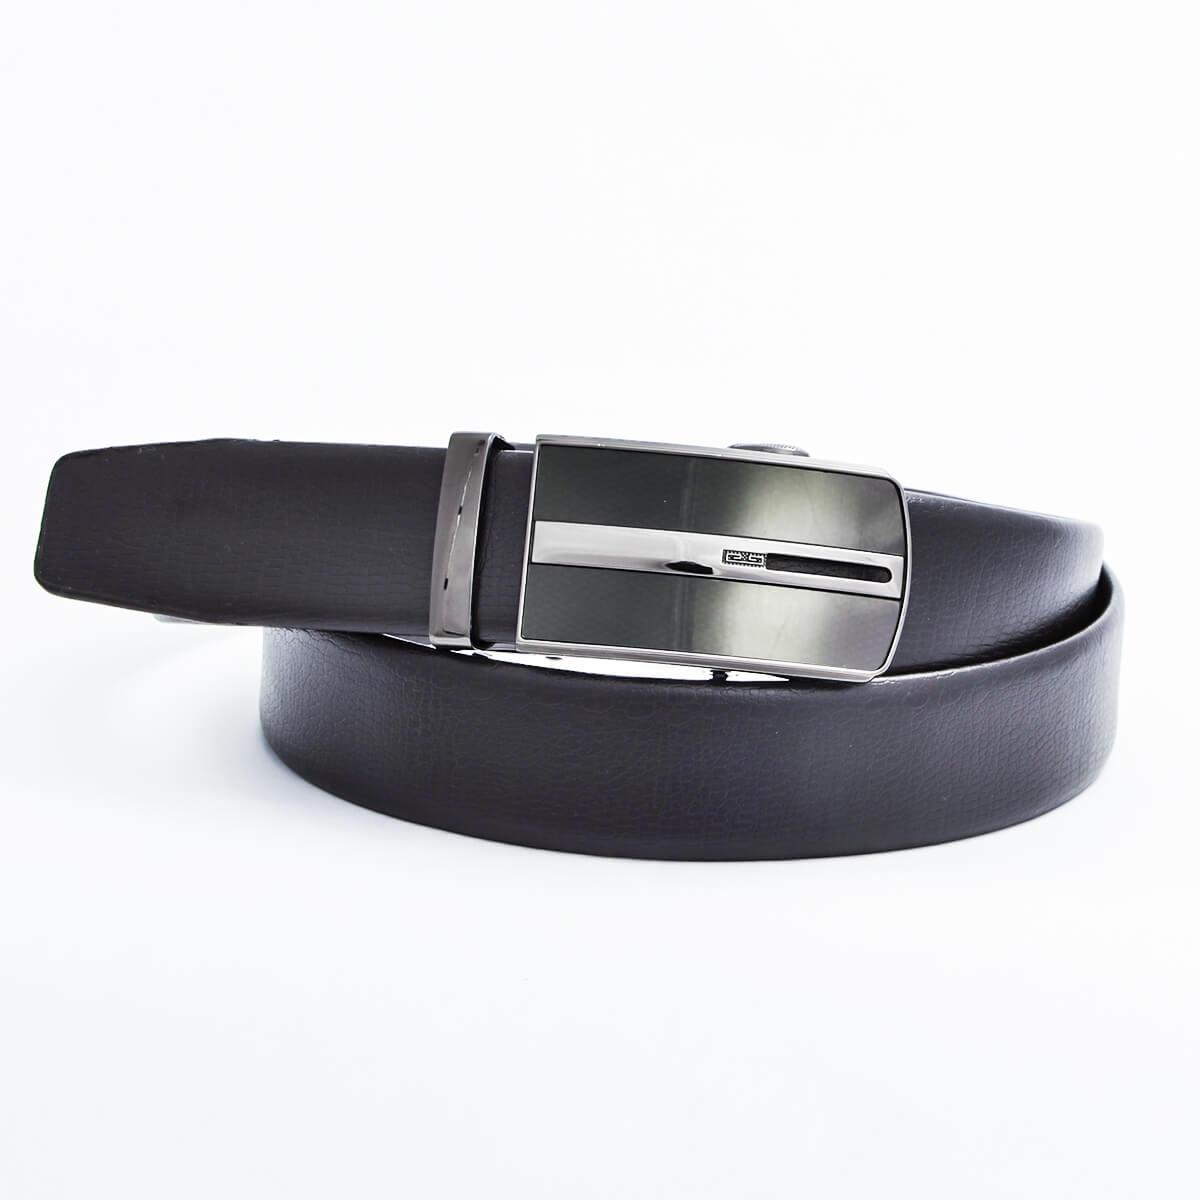 Pánsky kožený opasok - čierny vzor 3, veľkosť 48 (dĺžka 120 cm)